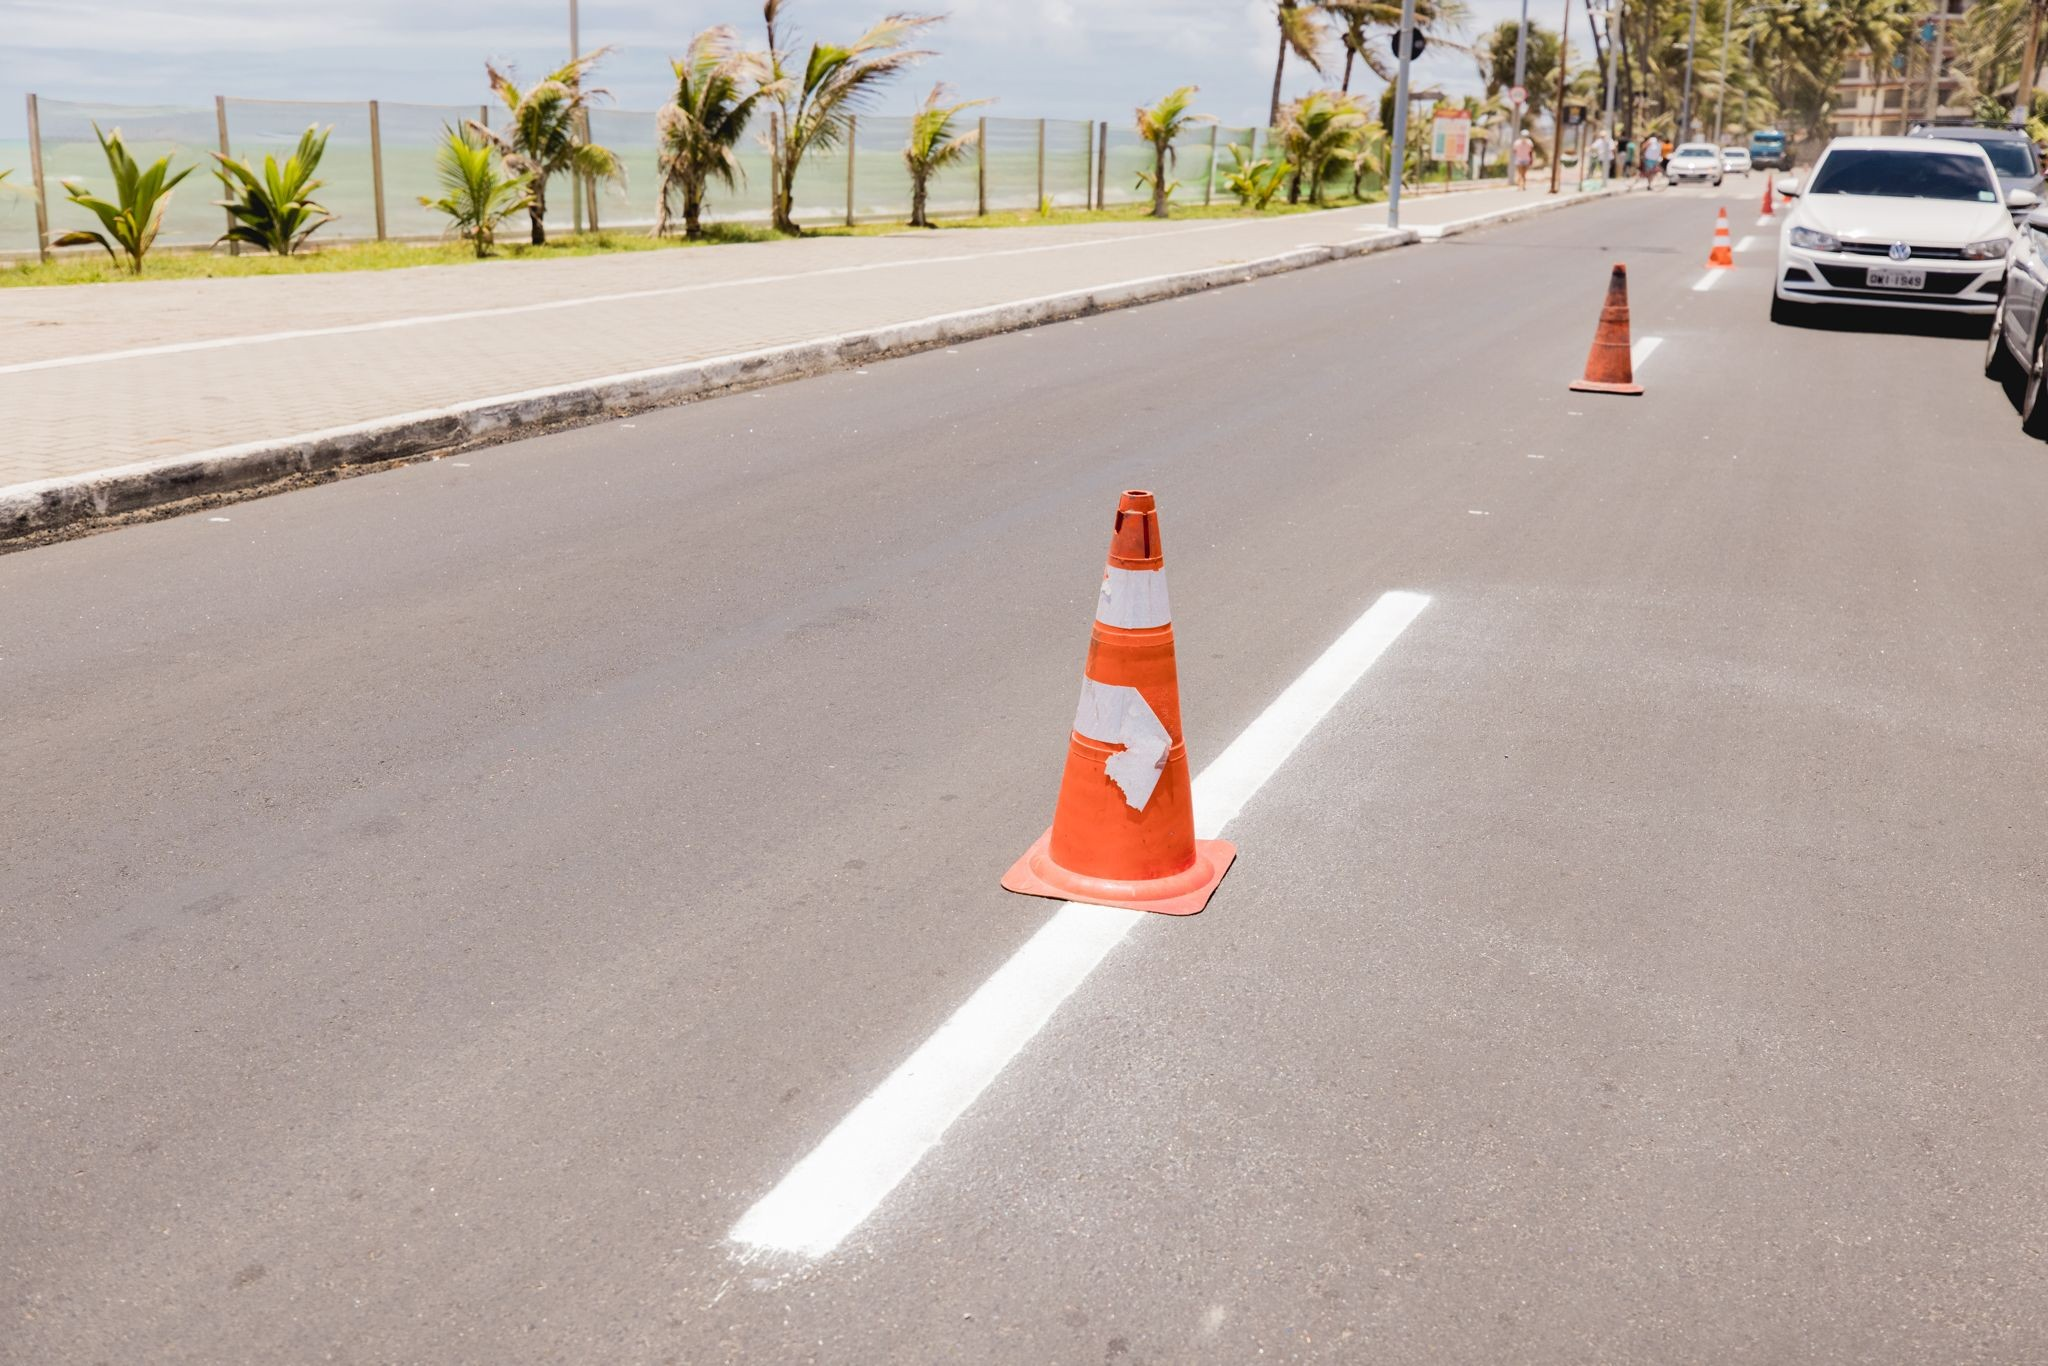 Trânsito passará a ser mão única nas avenidas Brigadeiro Eduardo Gomes e Gustavo Paiva, em Cruz das Almas, Maceió